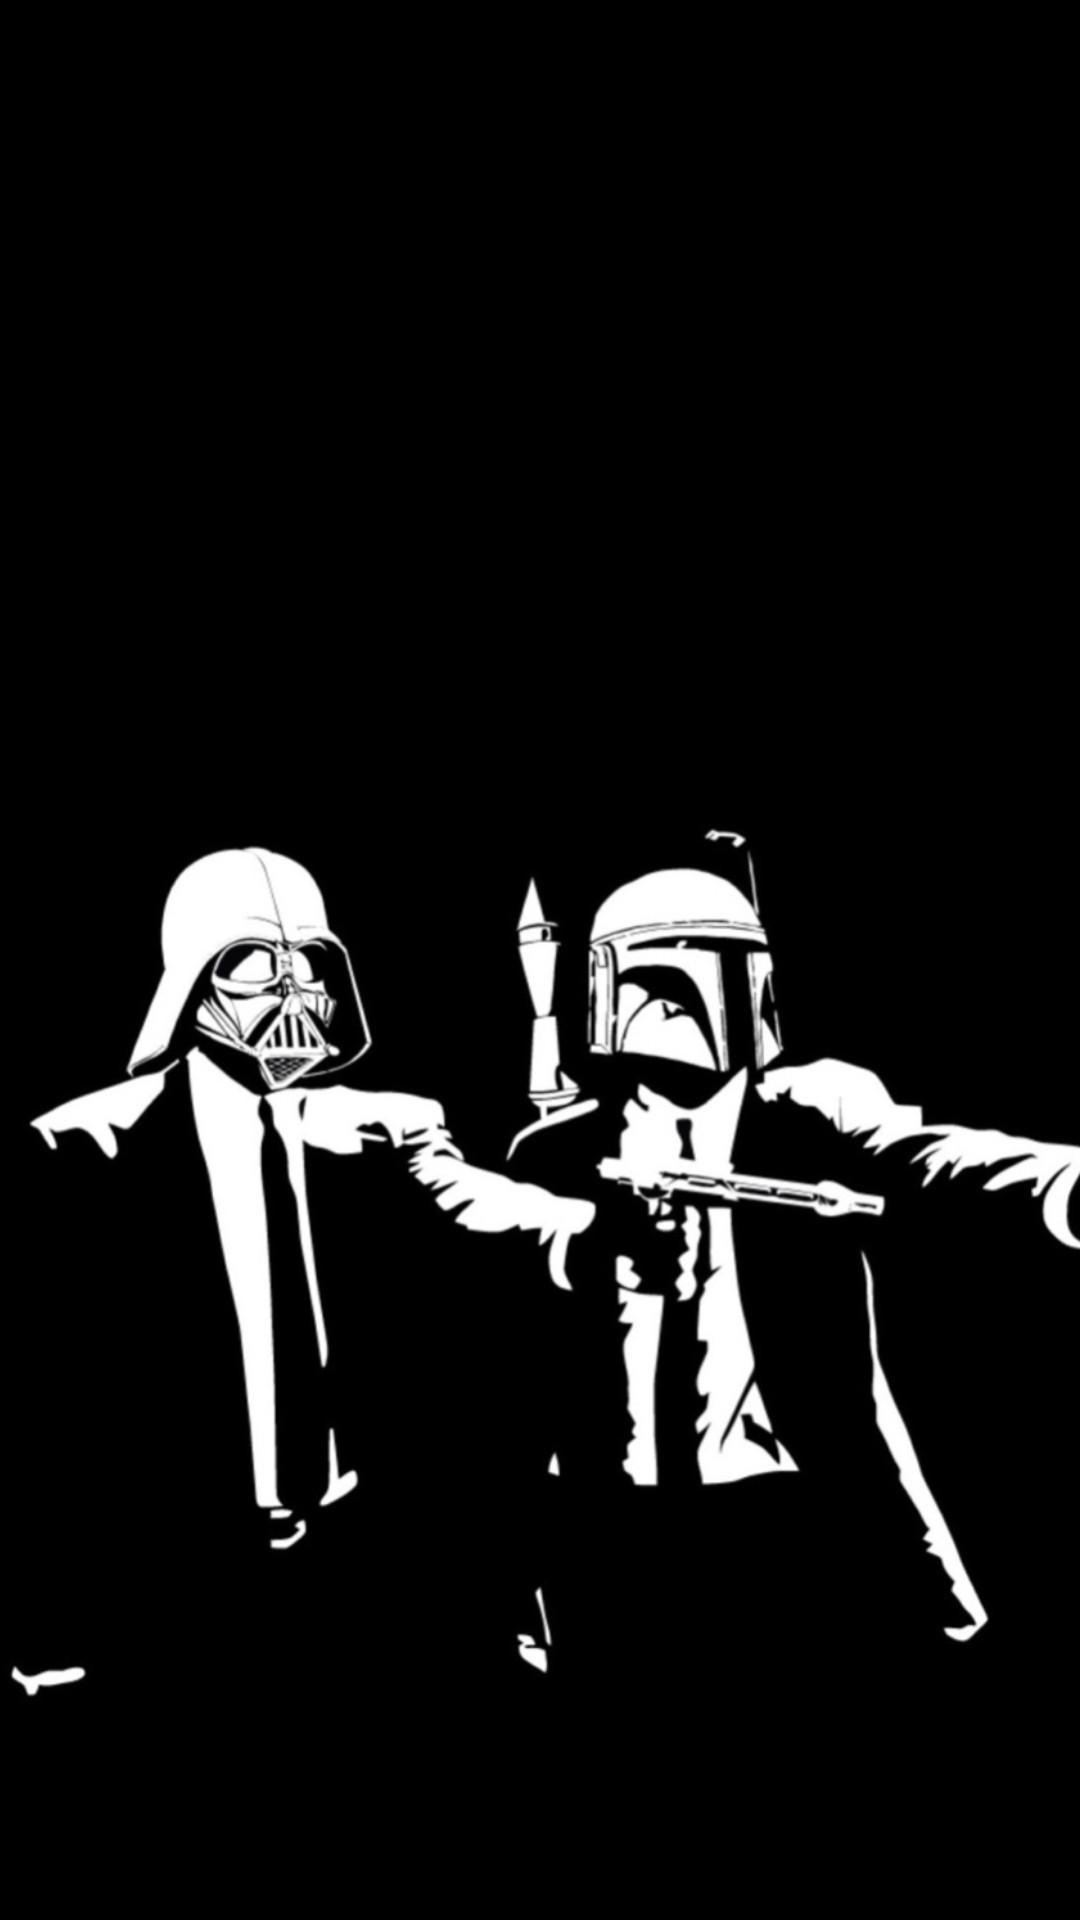 Pulp Fiction vs Star Wars Wallpaper